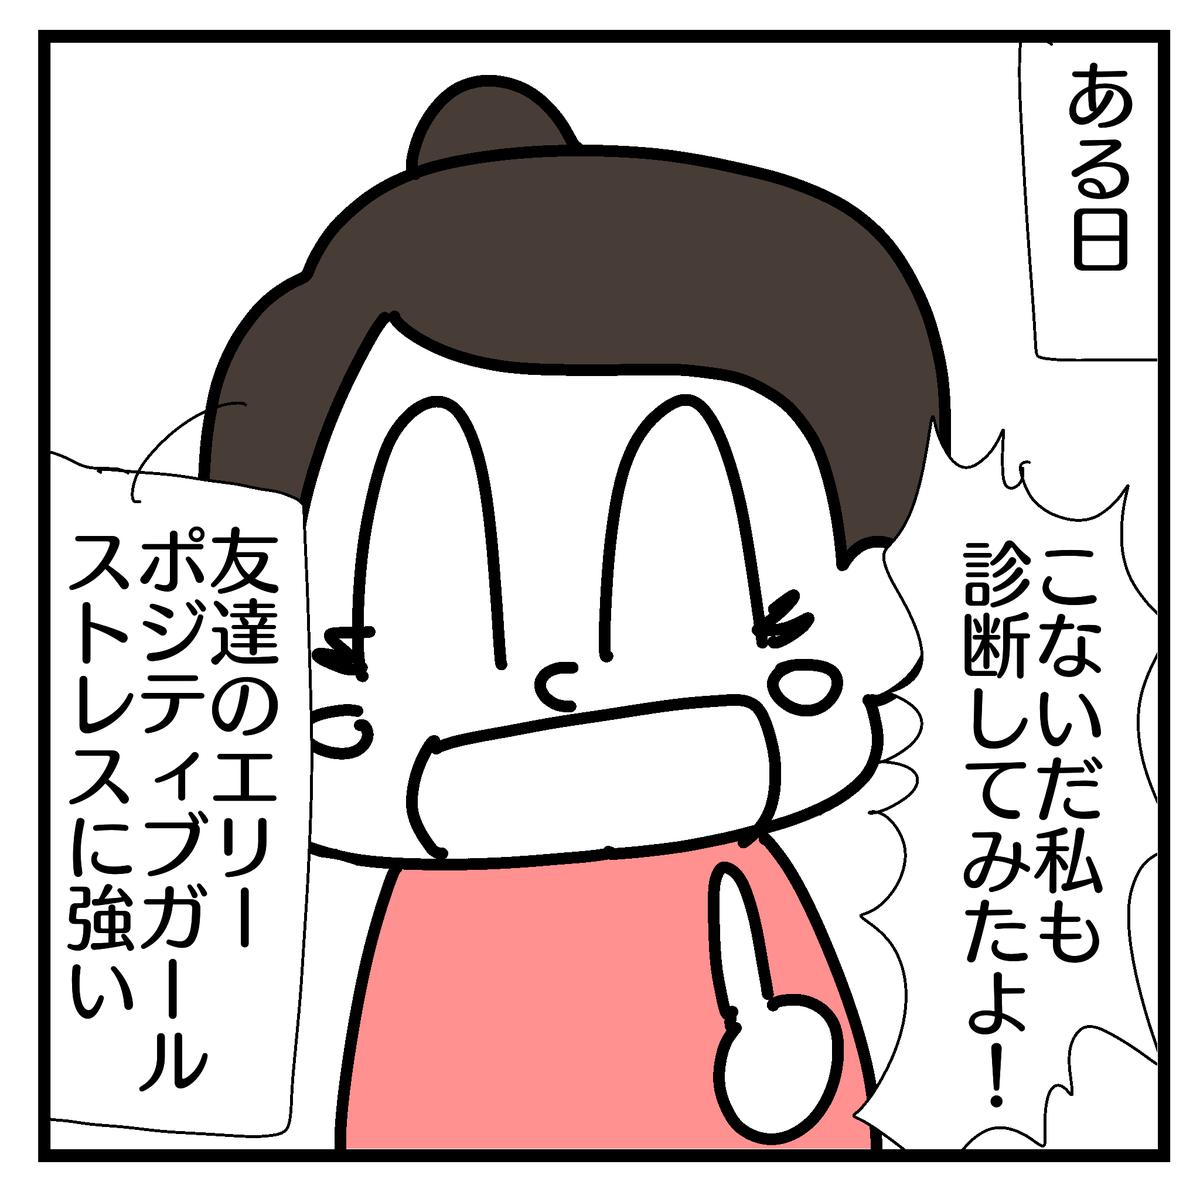 f:id:YuruFuwaTa:20200622114820p:plain